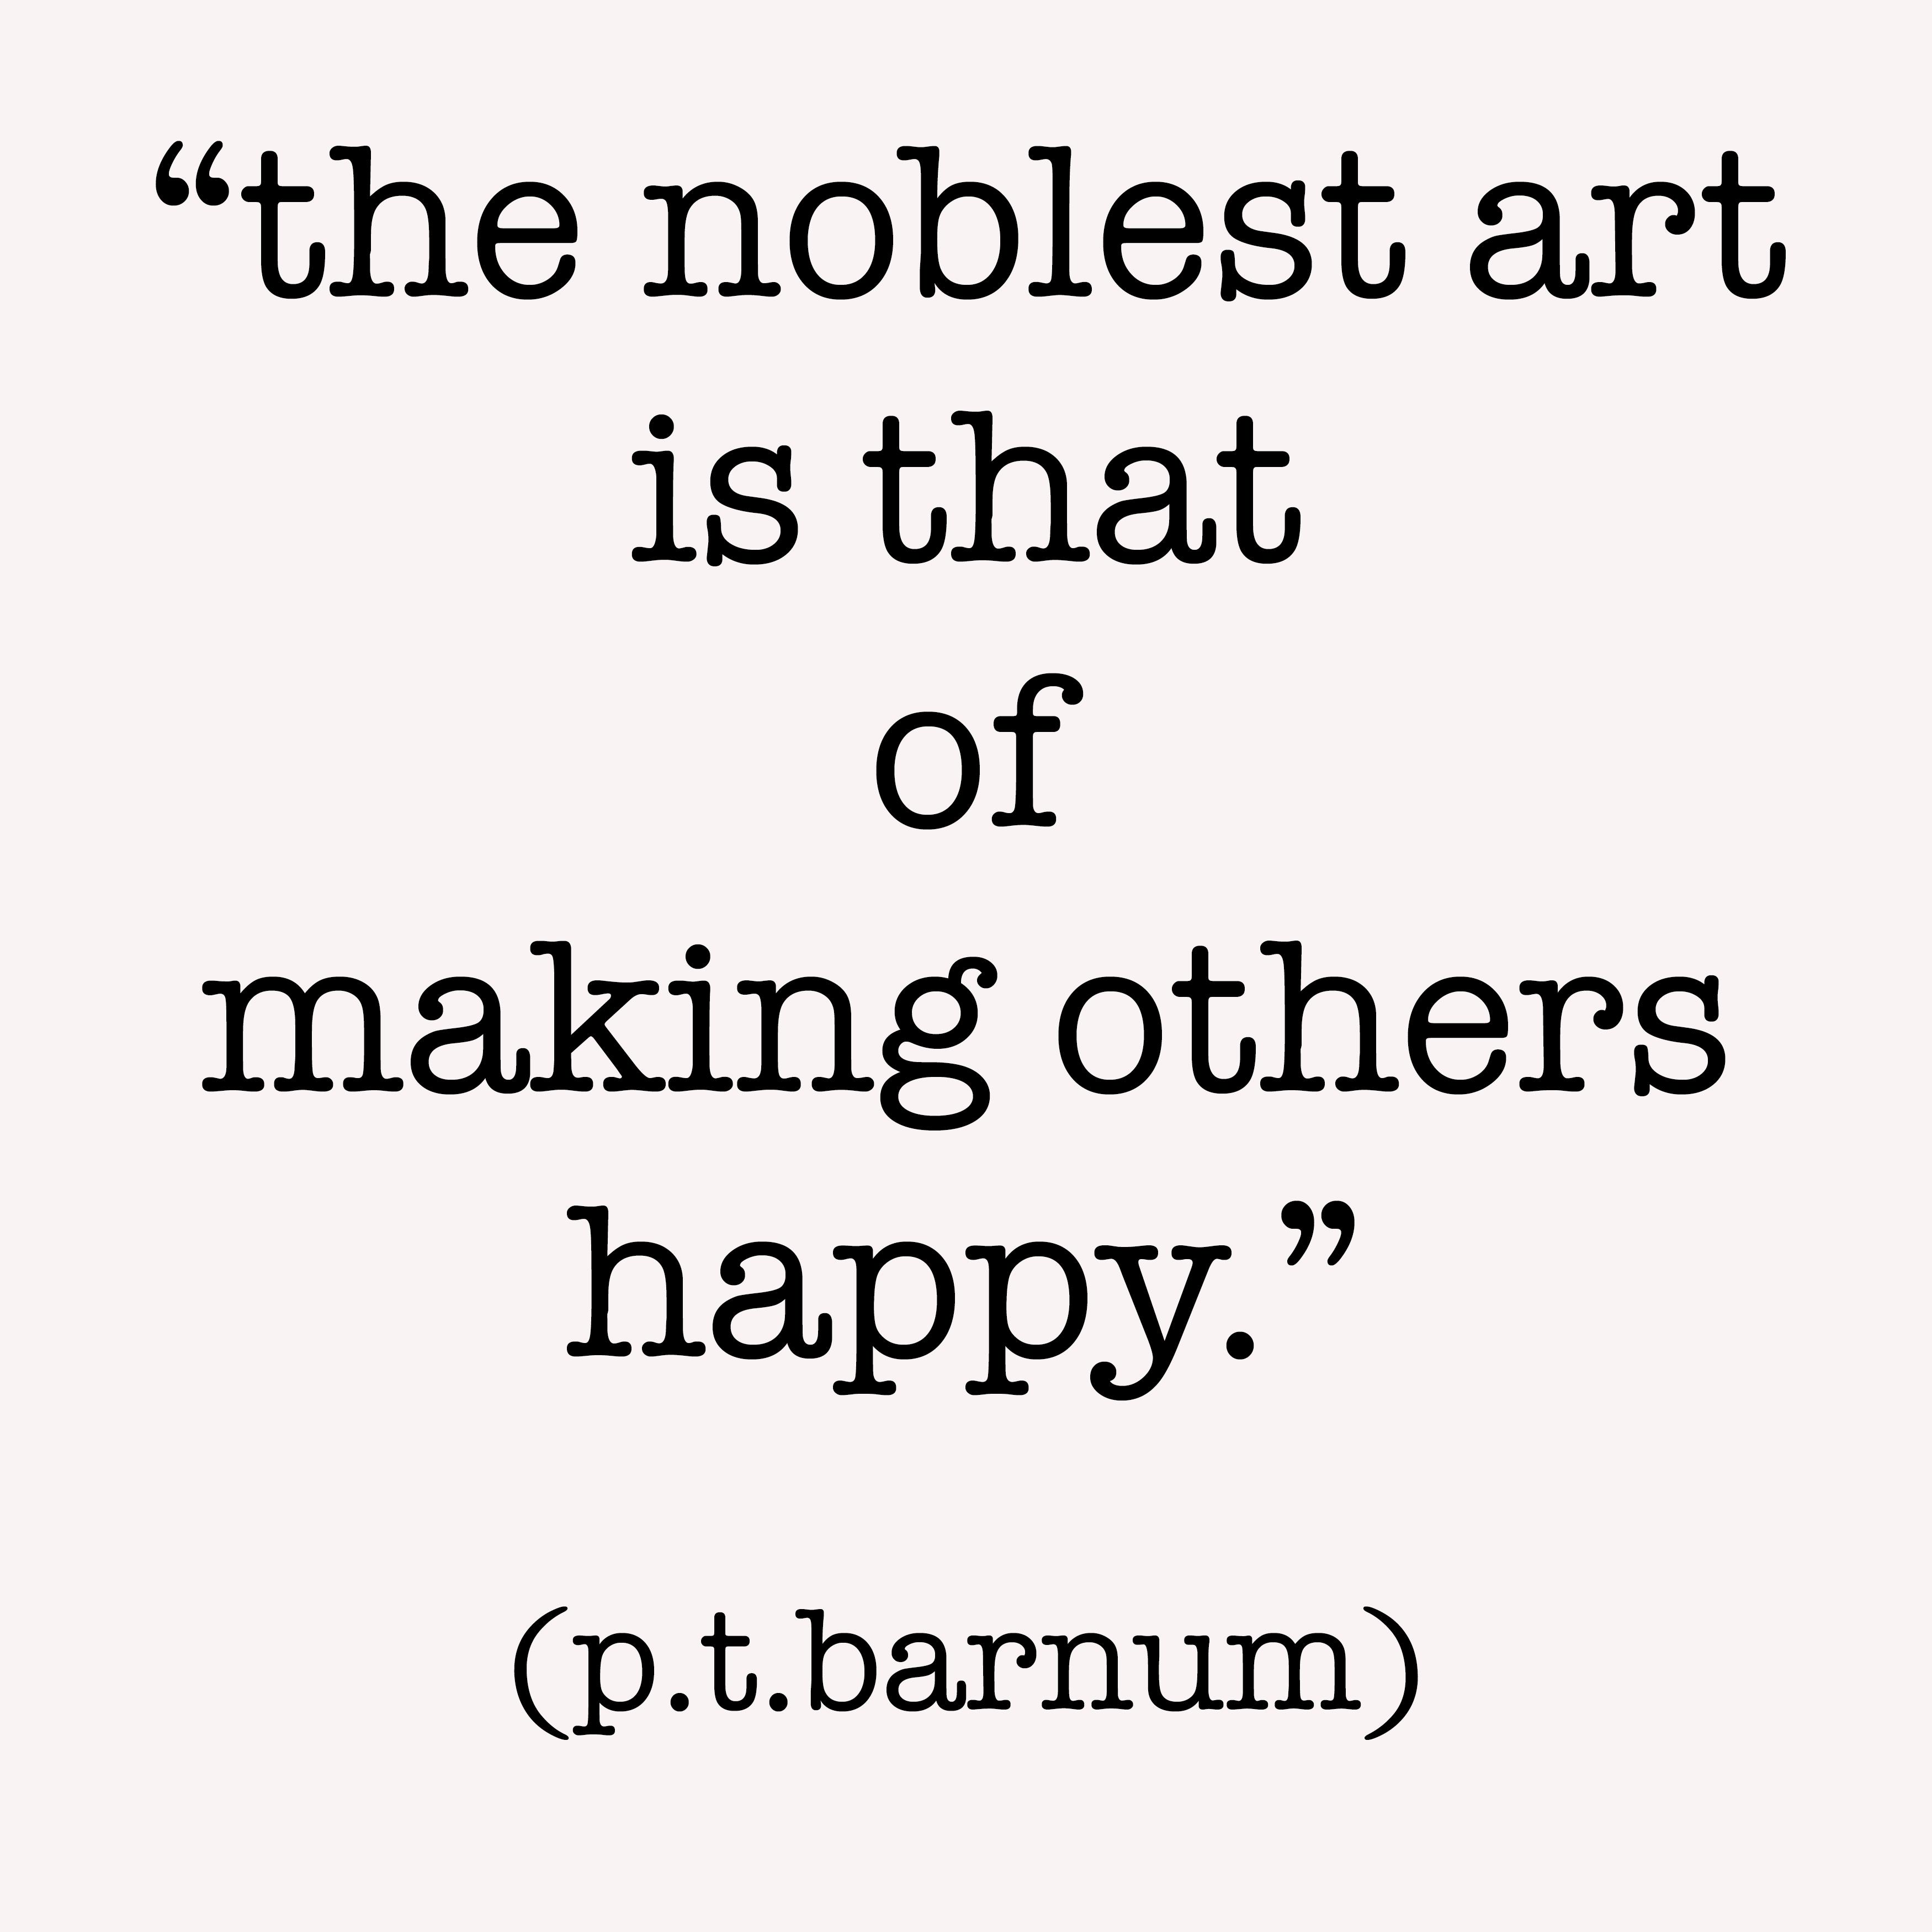 pt barnum quote